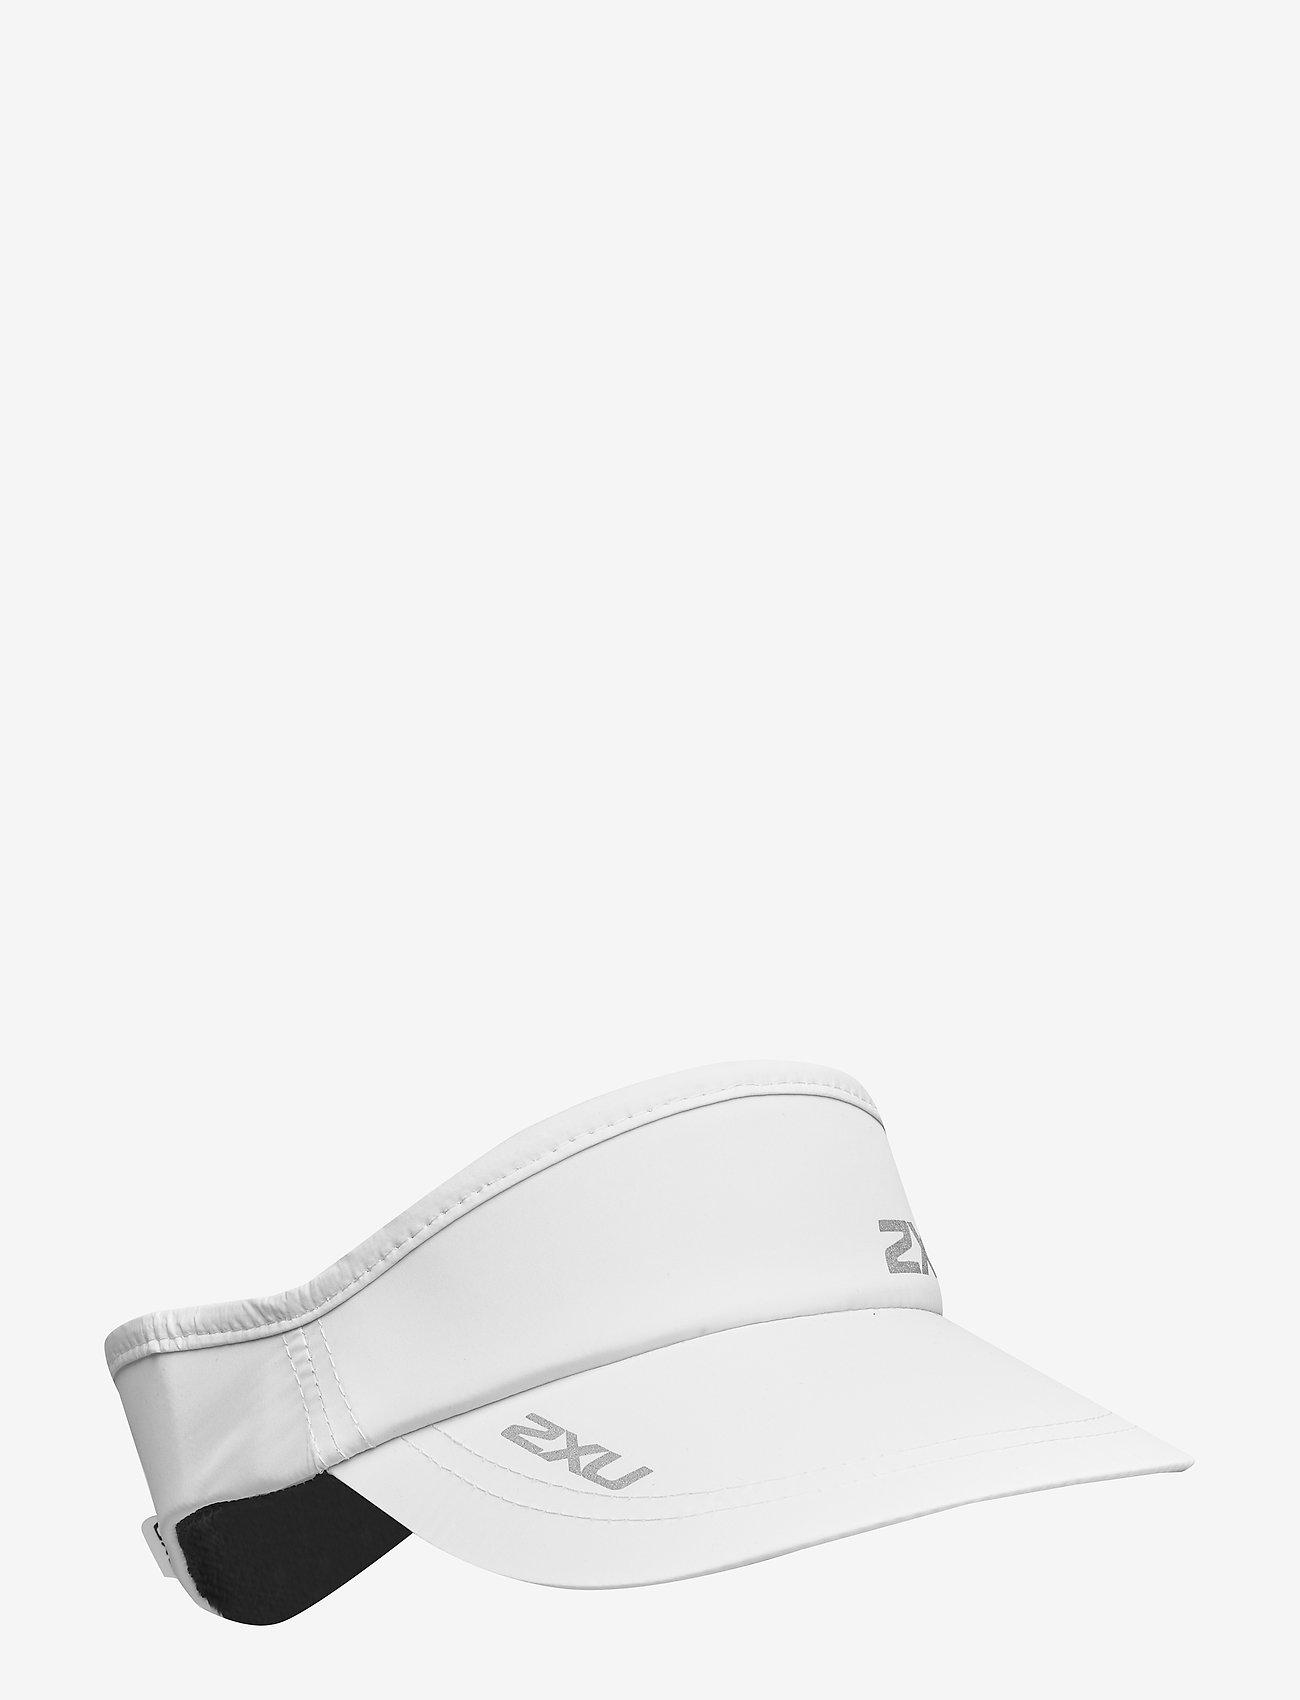 2XU - RUN VISOR - petten - white/white - 0